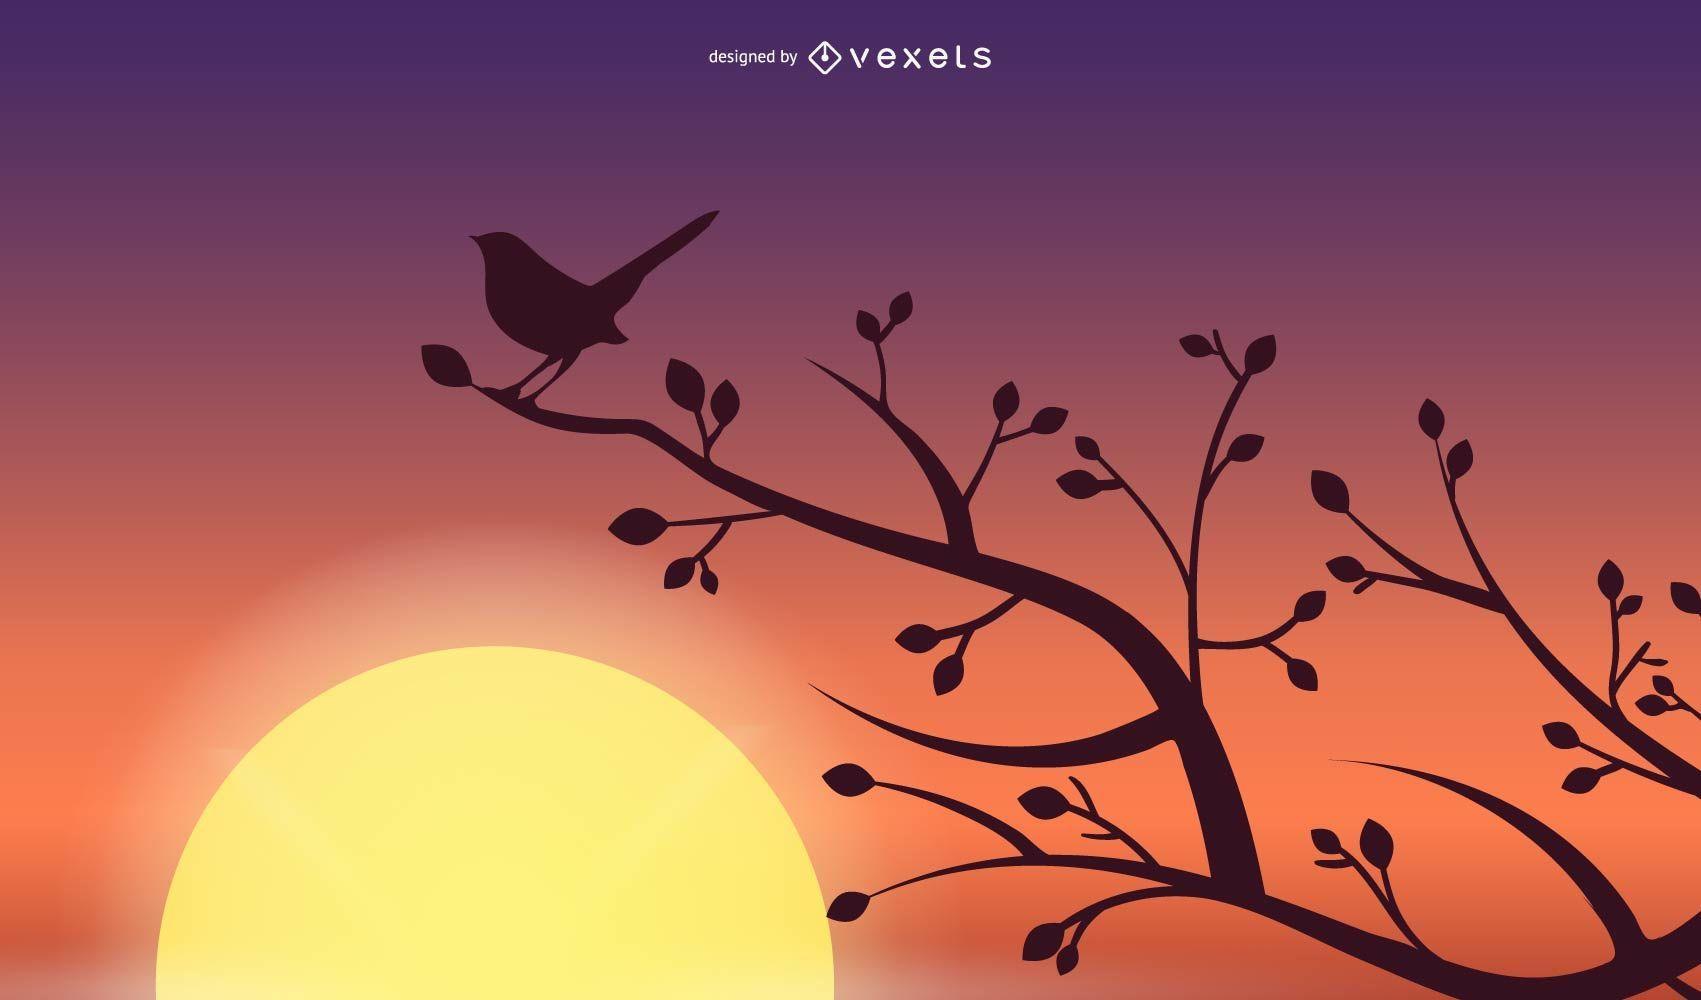 Ilustración de silueta de pájaro al atardecer